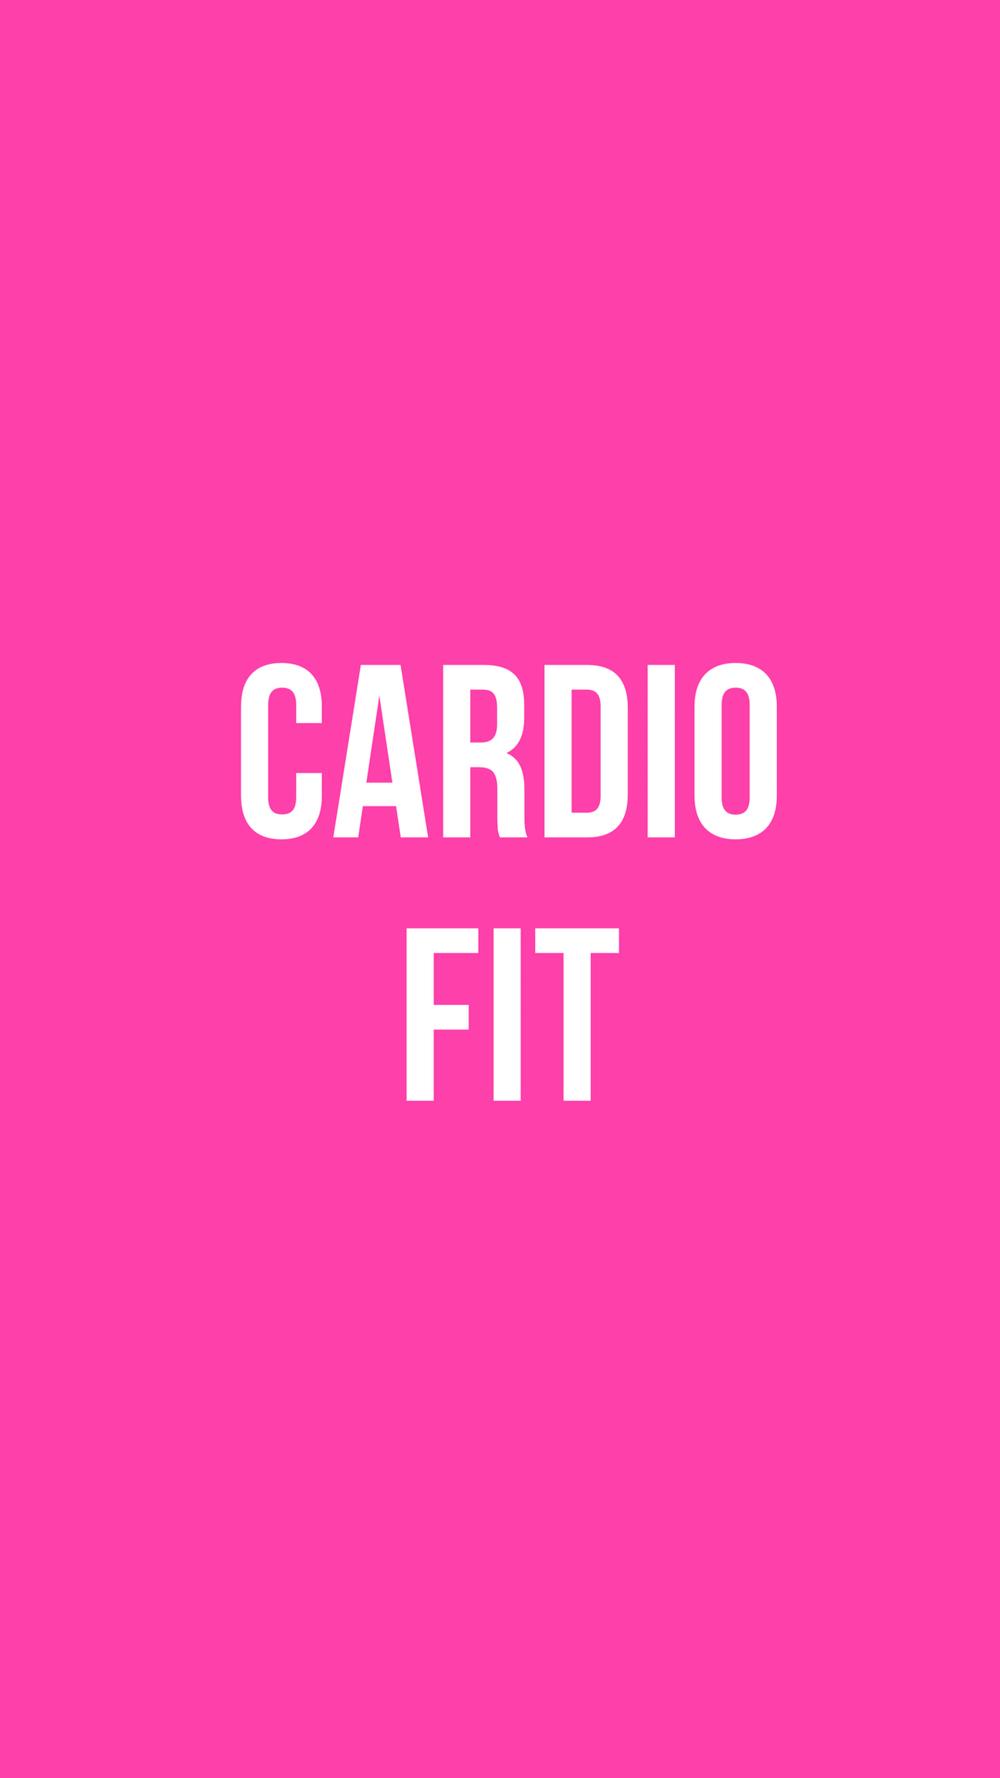 Cardio Fit Minc Fitness